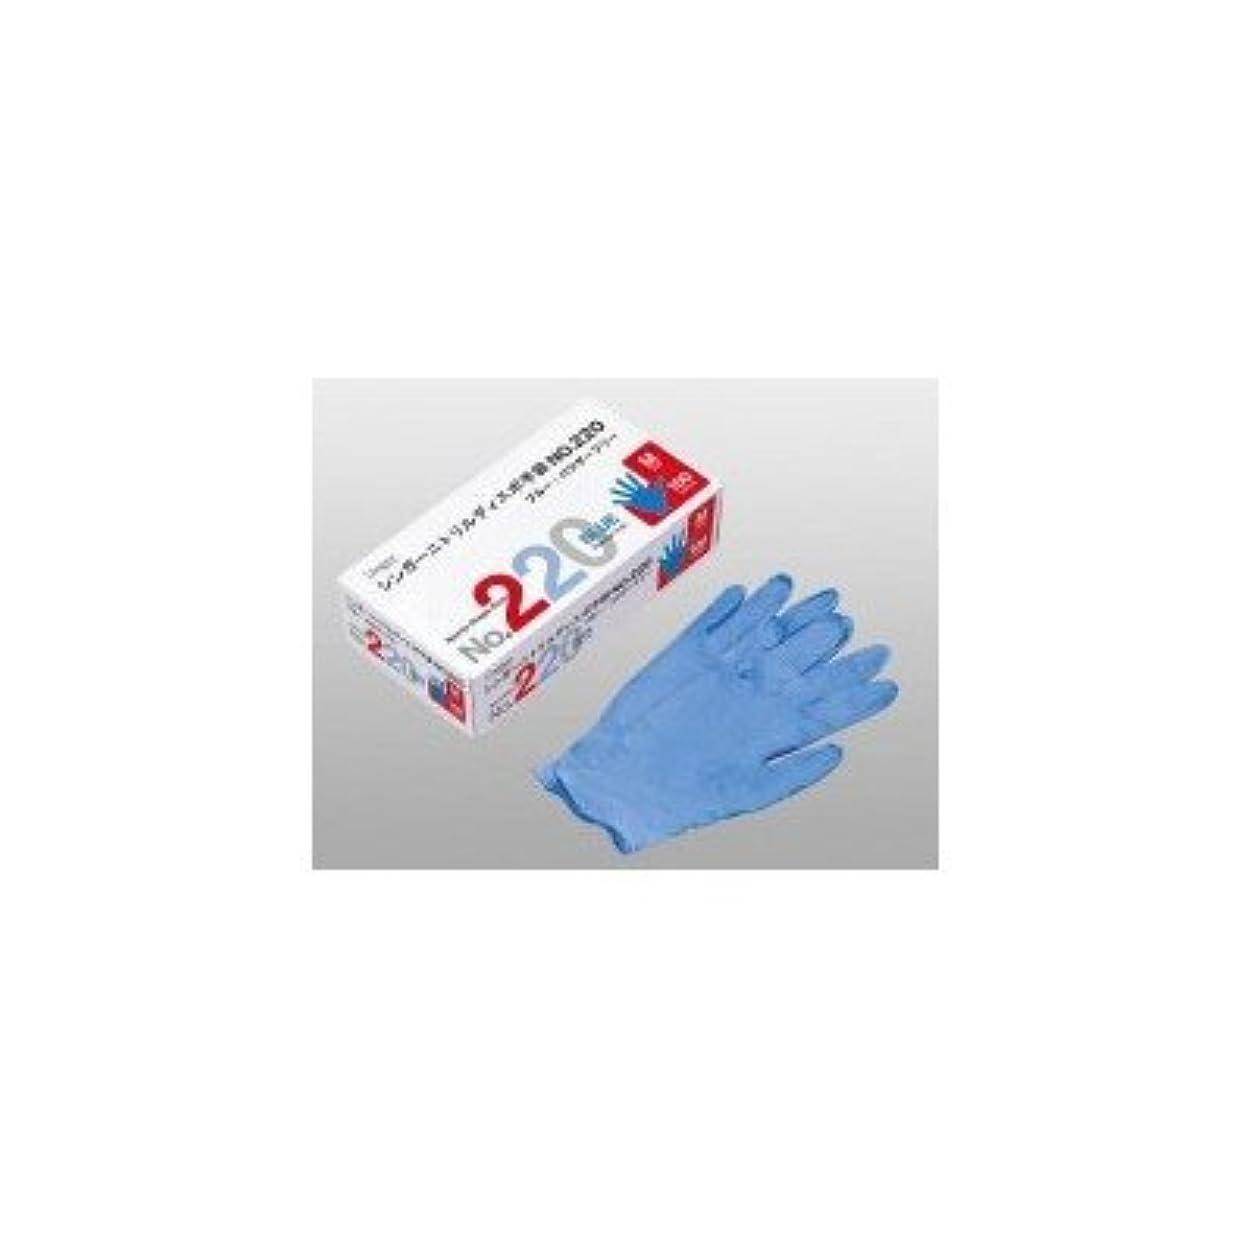 同志虫虹シンガーニトリルディスポ手袋 No.220 ブルー パウダーフリー(100枚) M( 画像はイメージ画像です お届けの商品はMのみとなります)